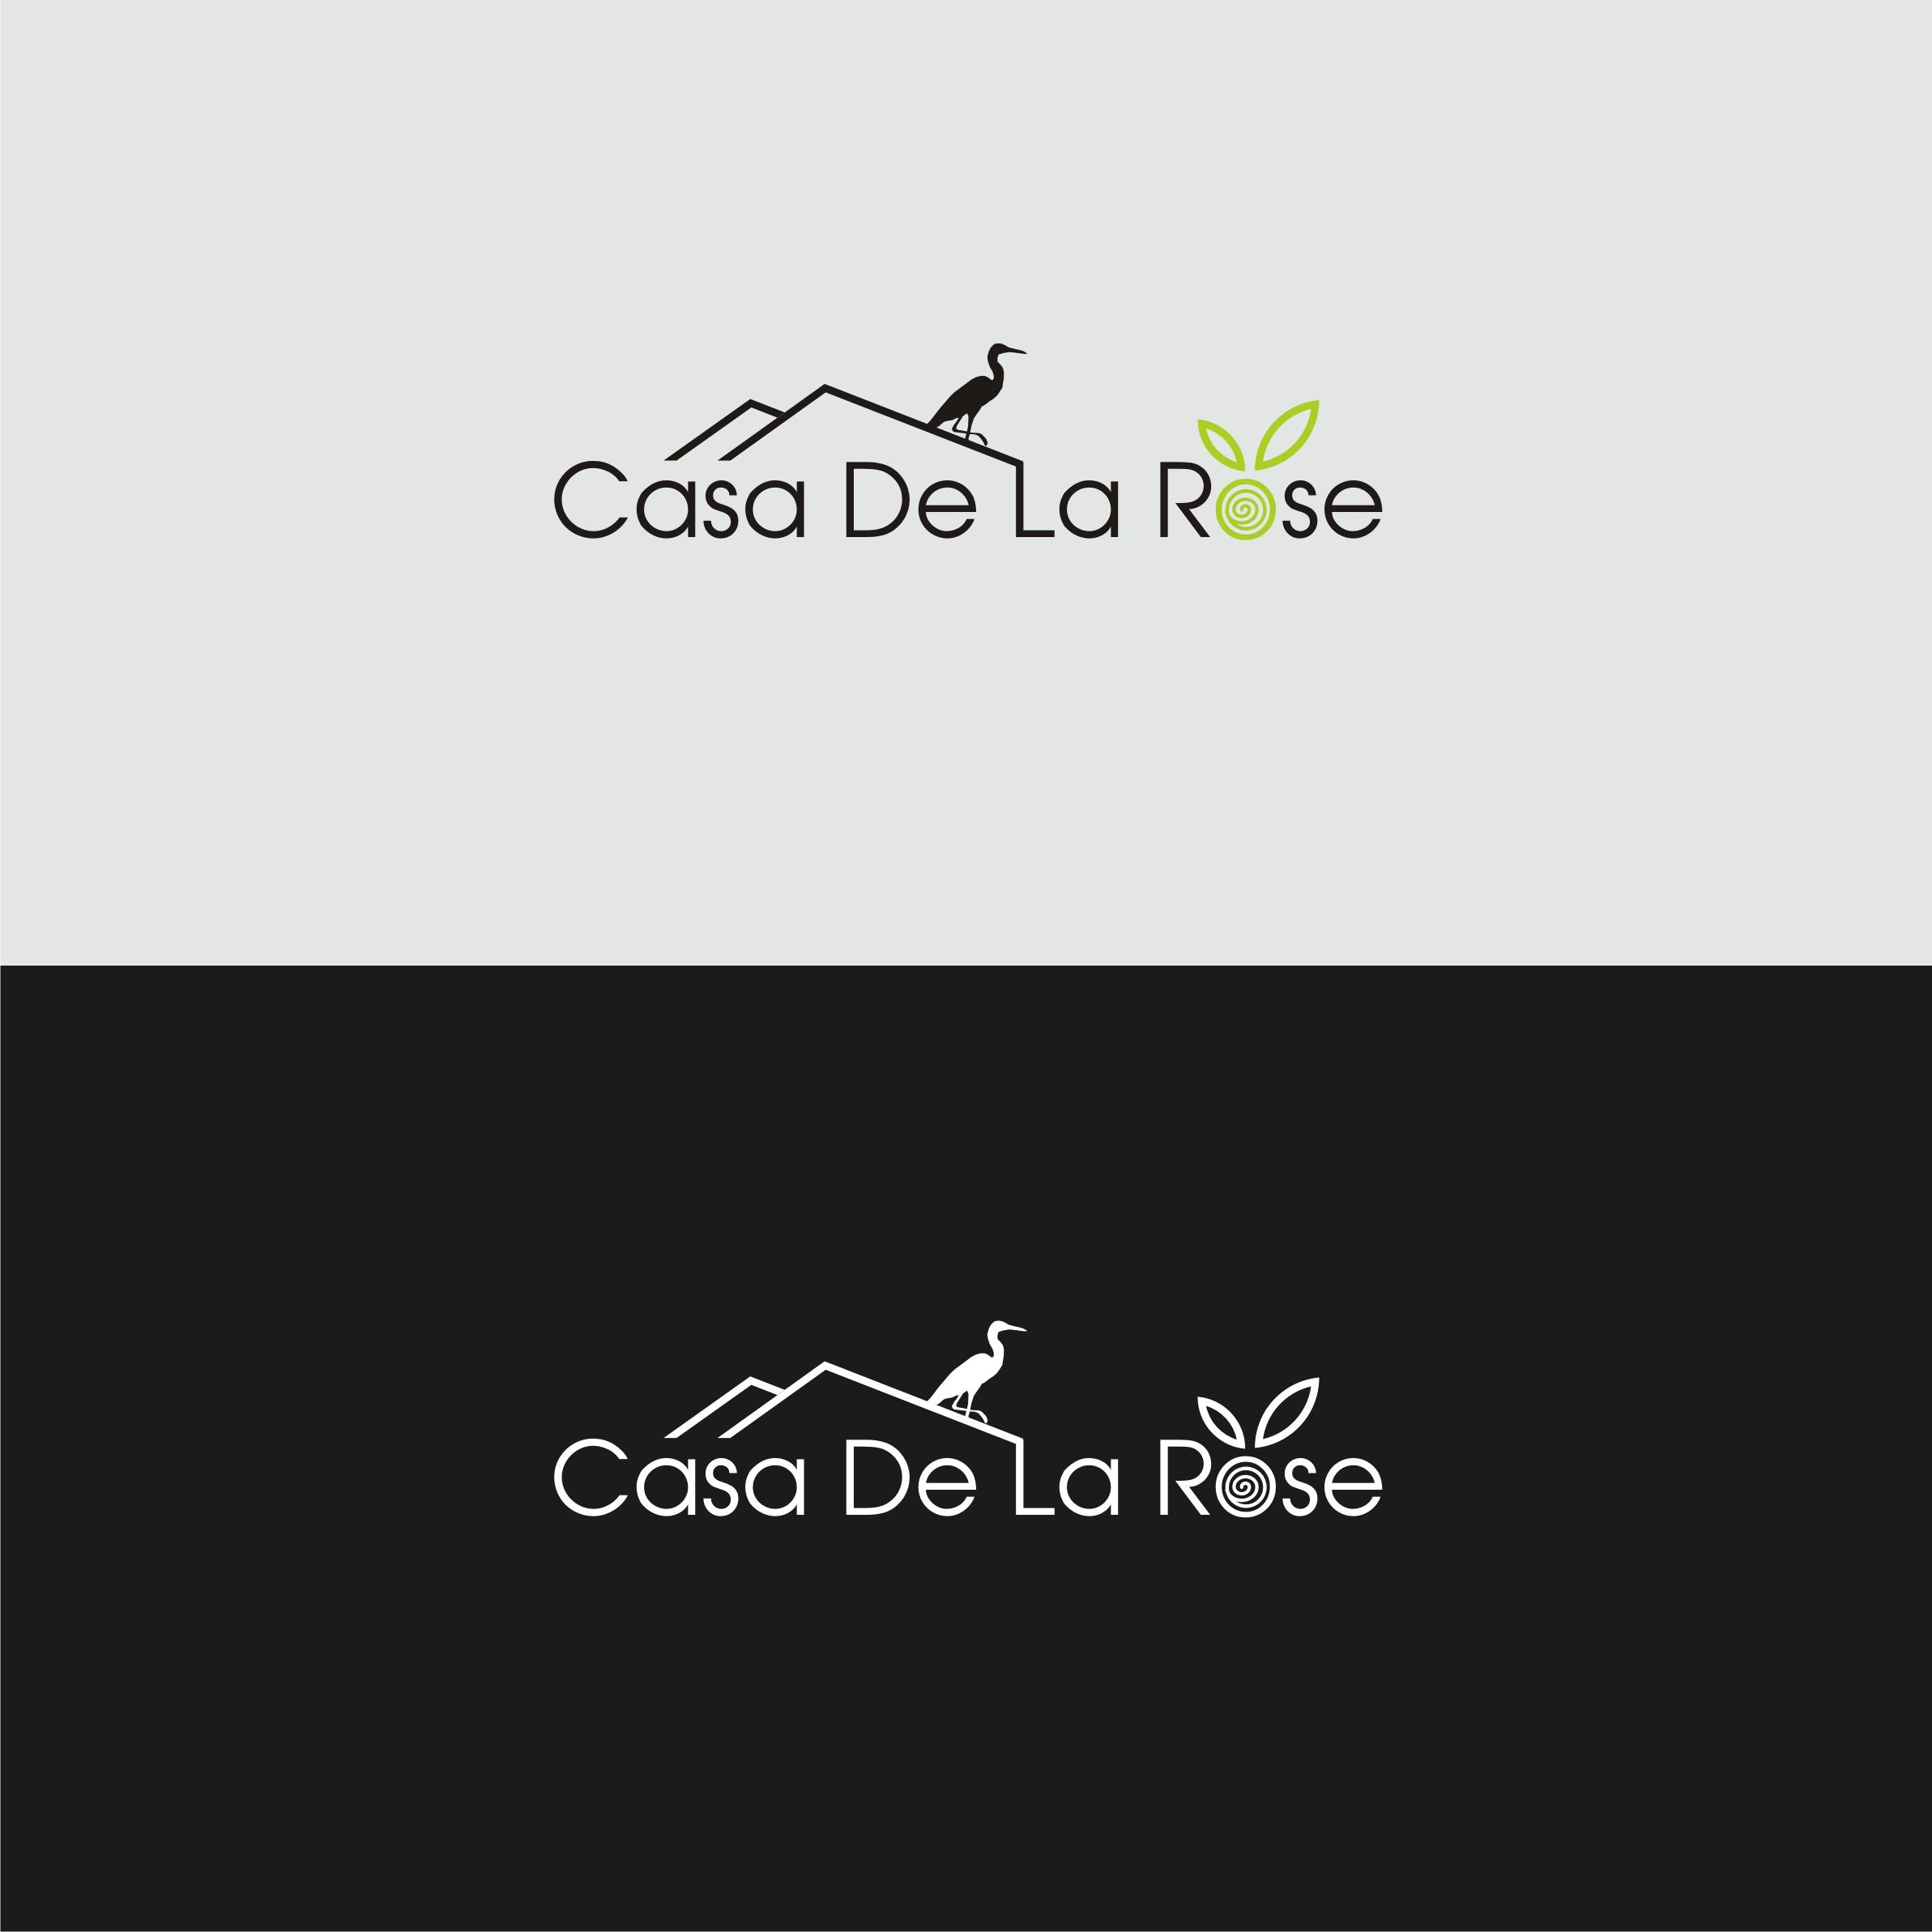 Логотип + Фирменный знак для элитного поселка Casa De La Rosa фото f_3585cd815e09990e.jpg